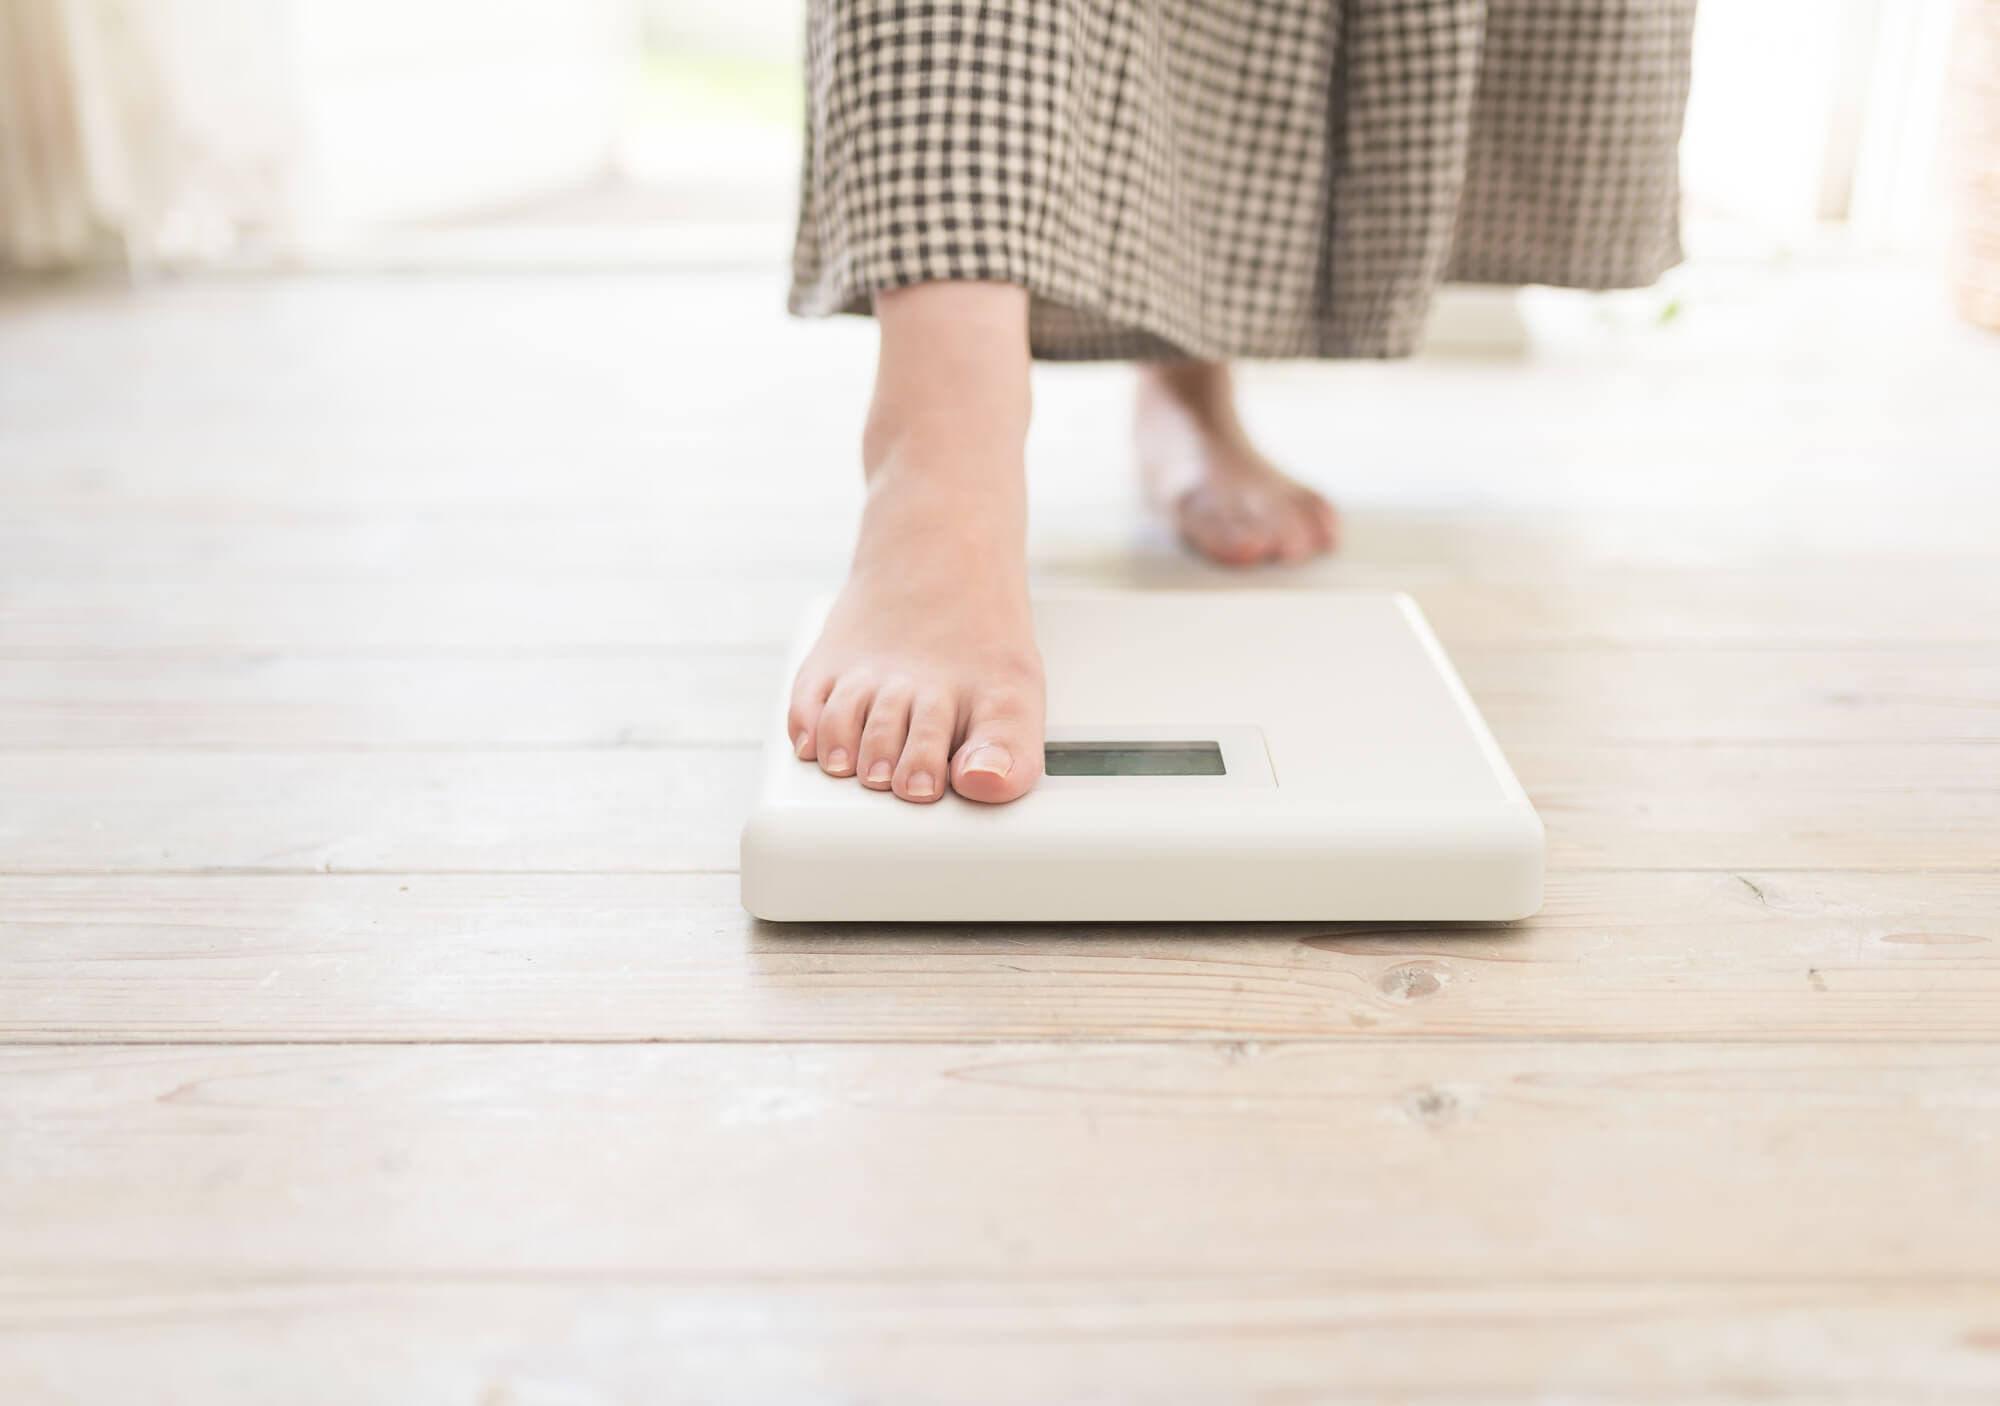 妊娠中の体重増加に注意!3つの時期ごとの体重管理術